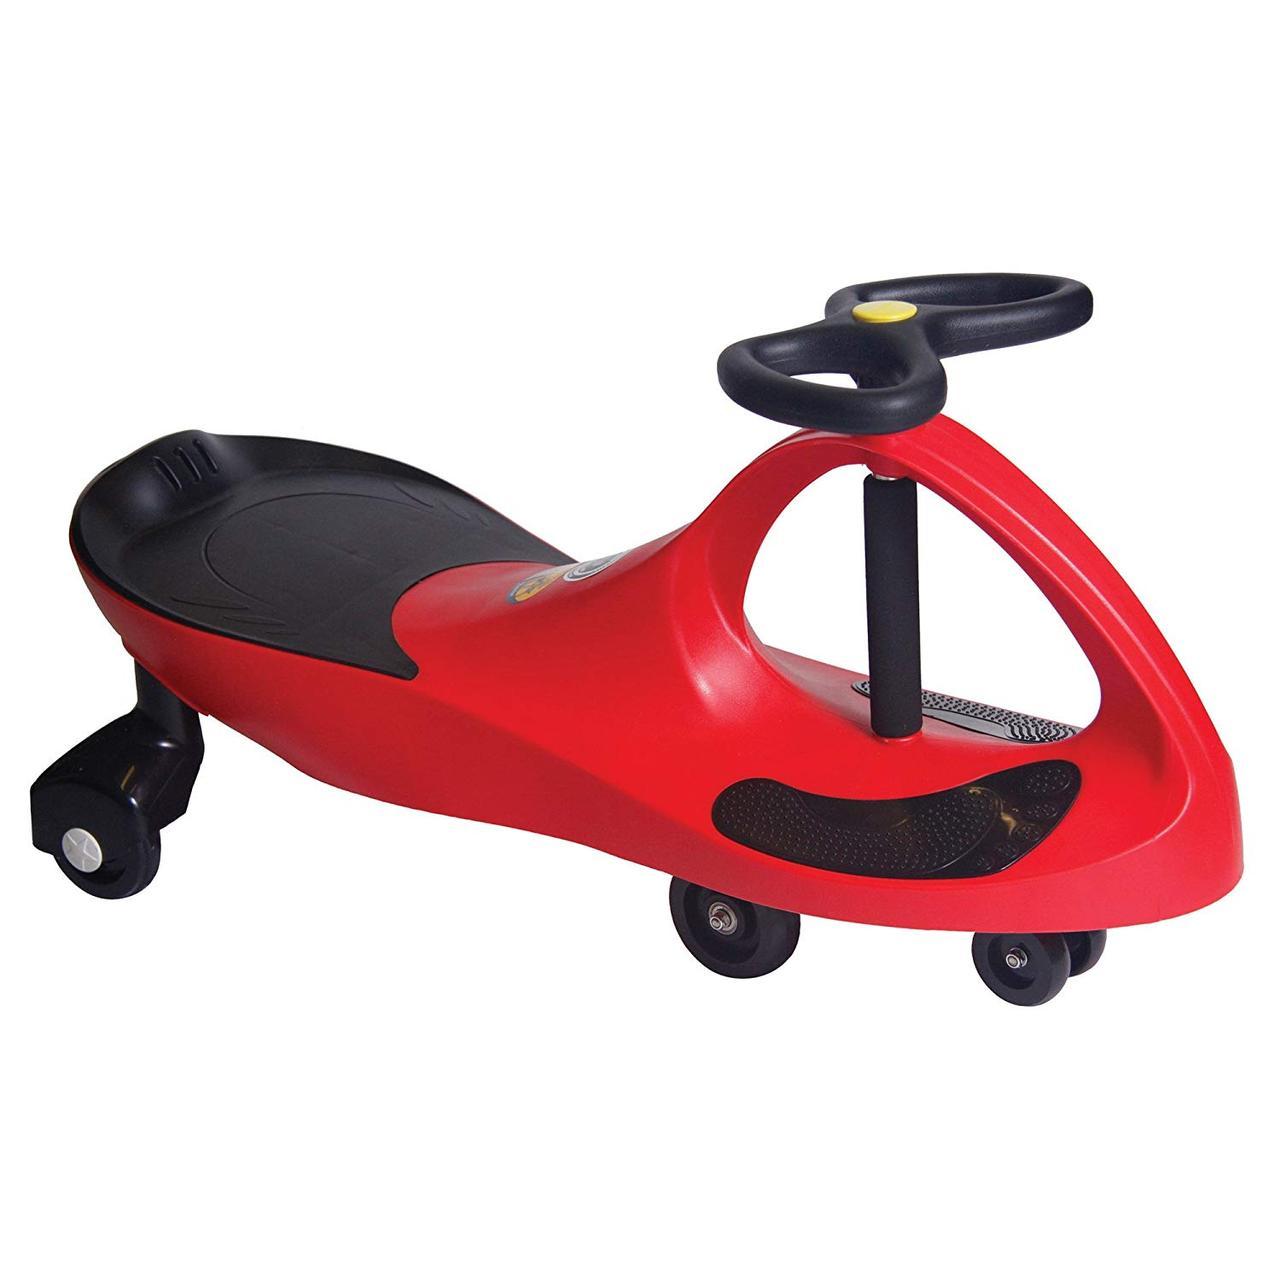 Детская машинка Bibicar , PlasmaCar, Бибикар, Smart Car, Детская инерционная машинка